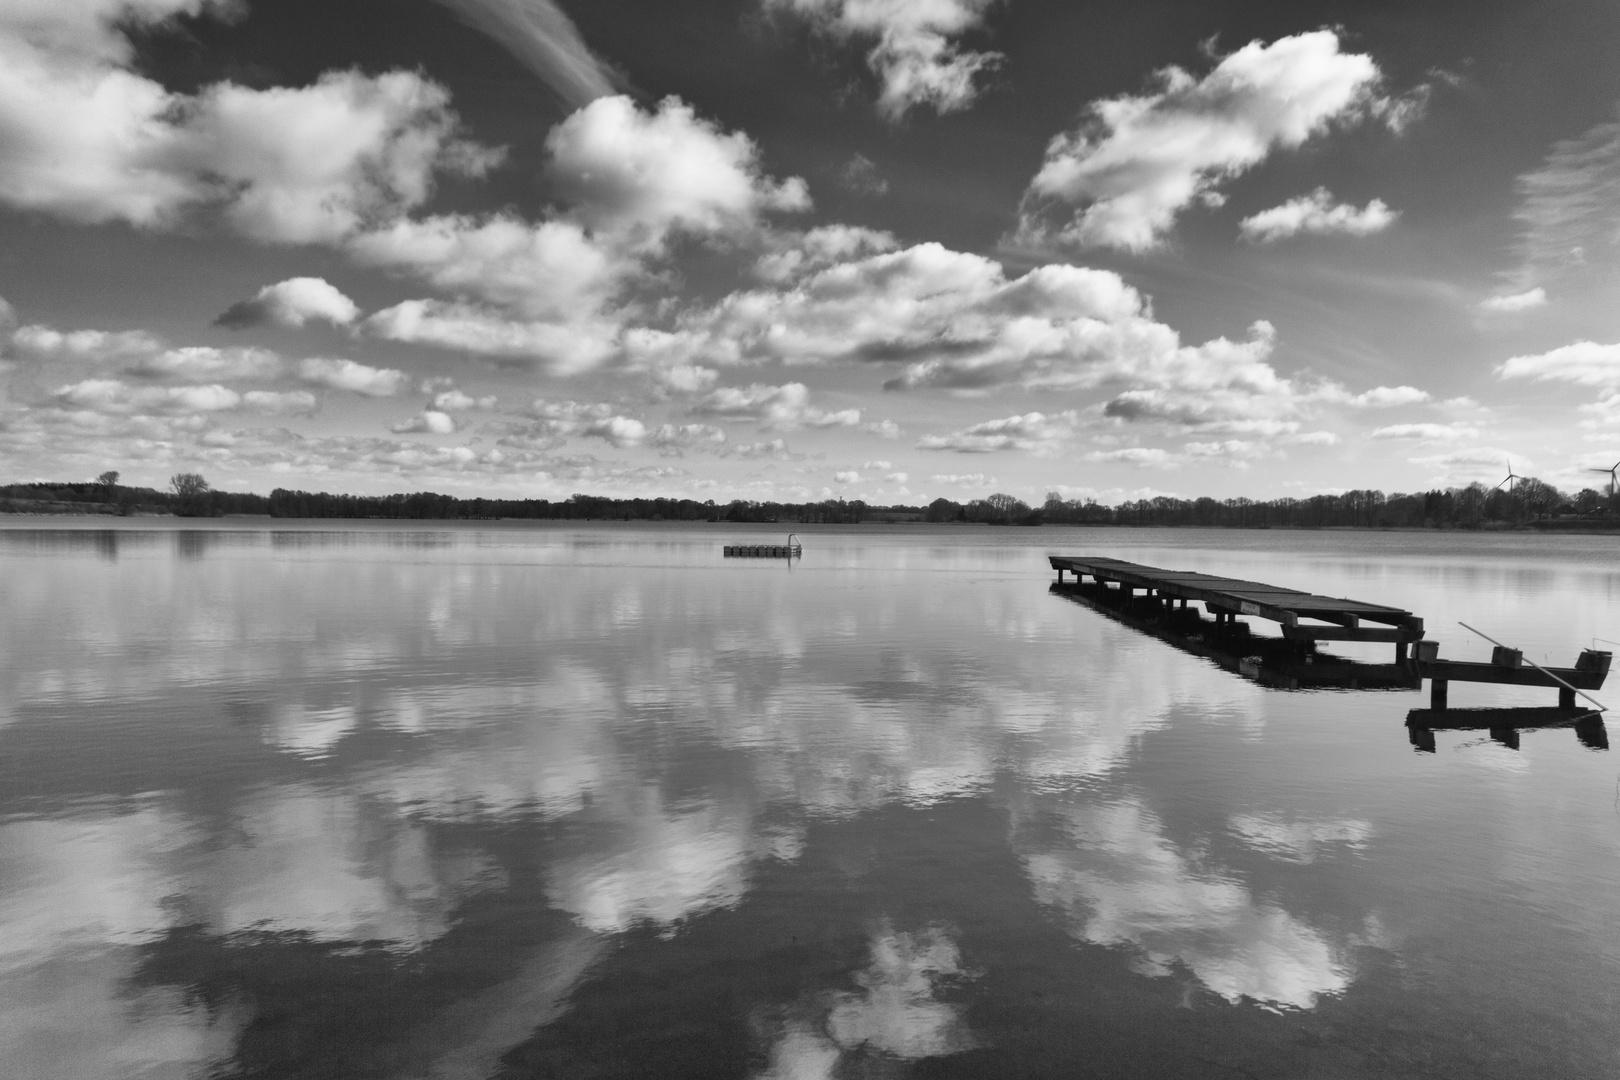 Wolken am Himmel und im See